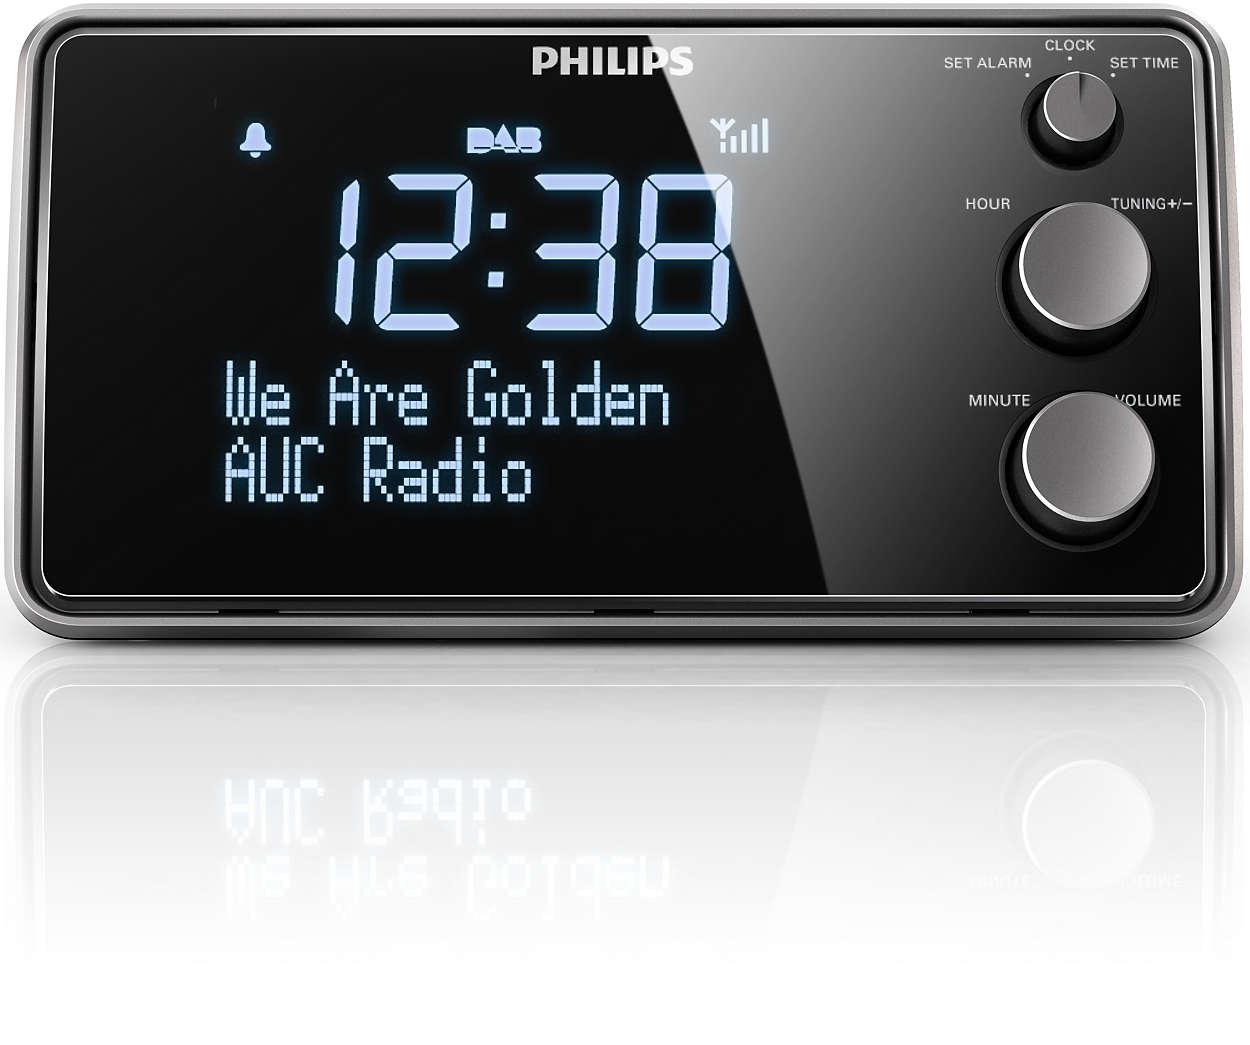 Acorde ao som de rádio DAB+ nítido e sem interferências